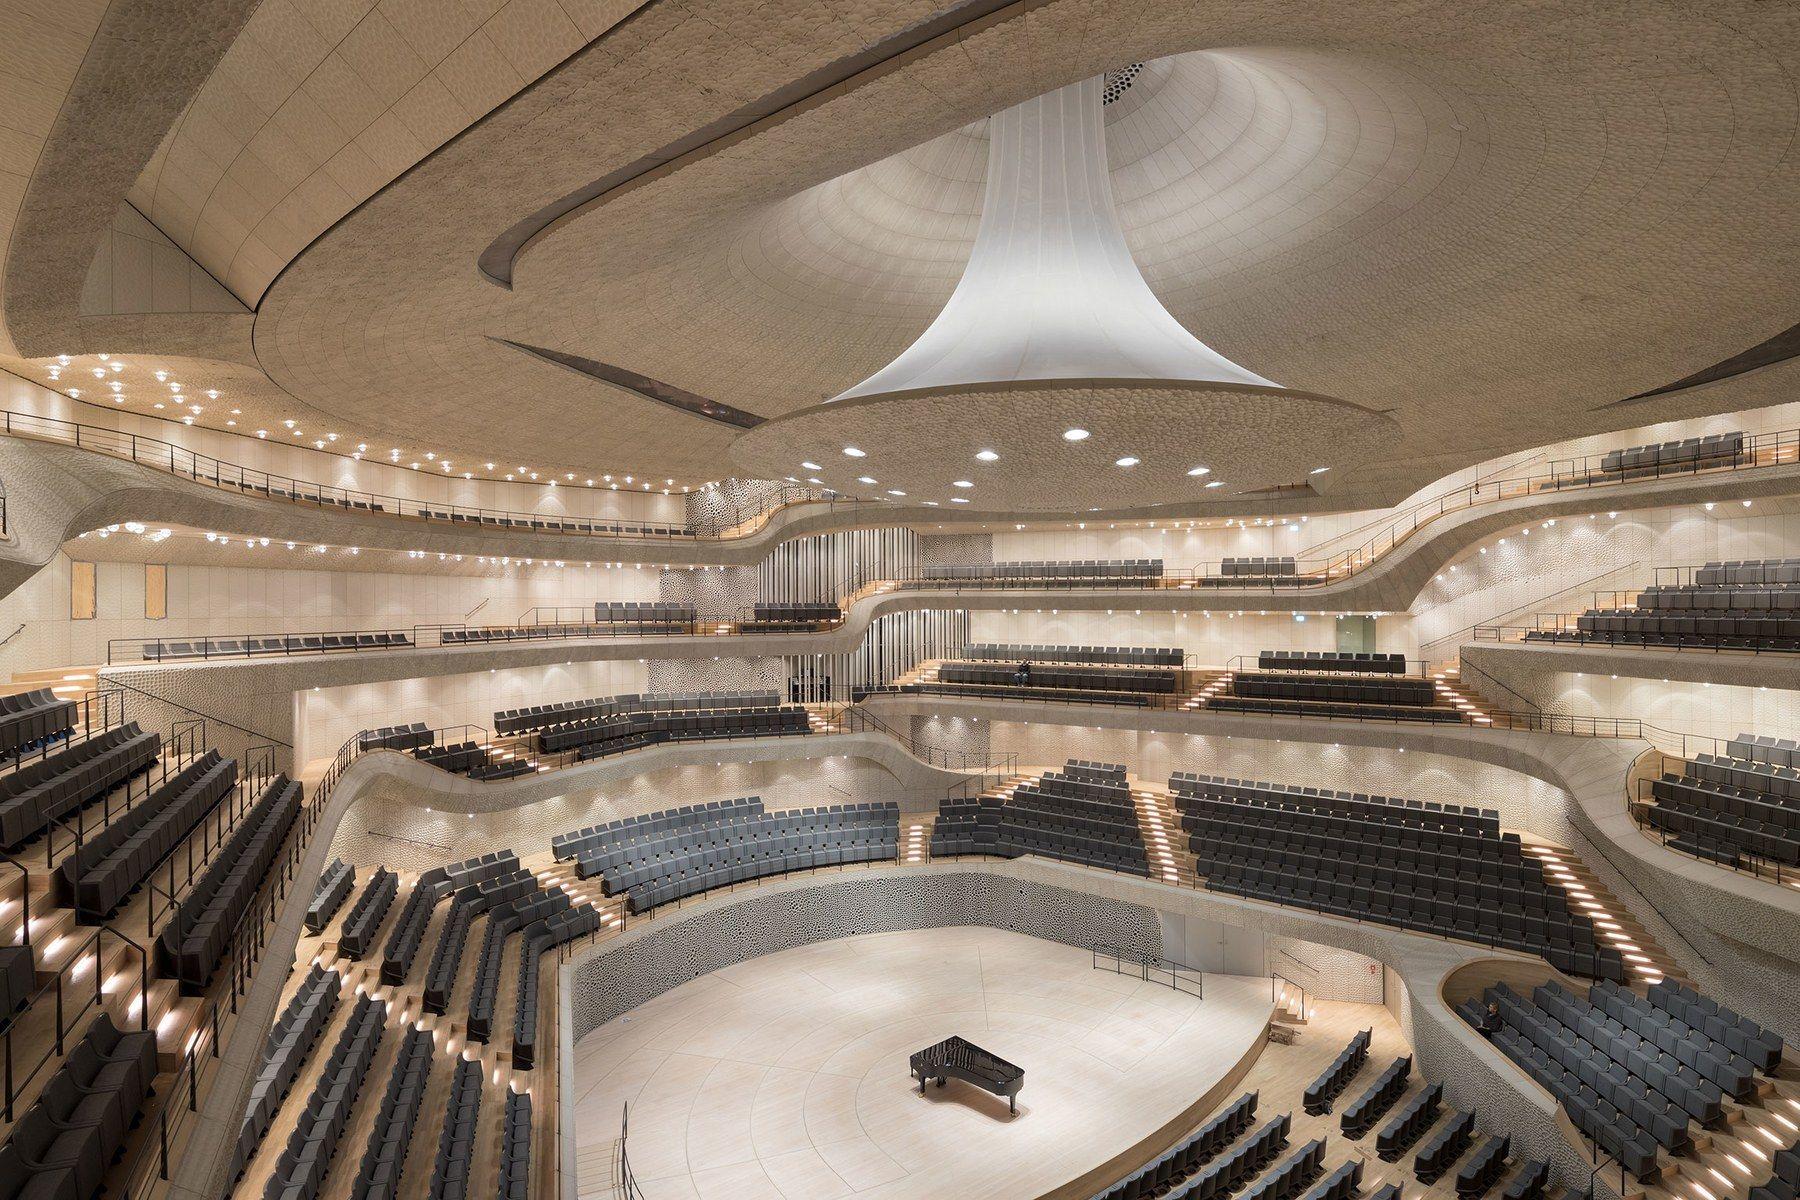 Herzog De Meuron Elbphilharmonie Opera House In Hamburg Architectural Digest Concert Hall Elbphilharmonie Concert Hall Auditorium Design